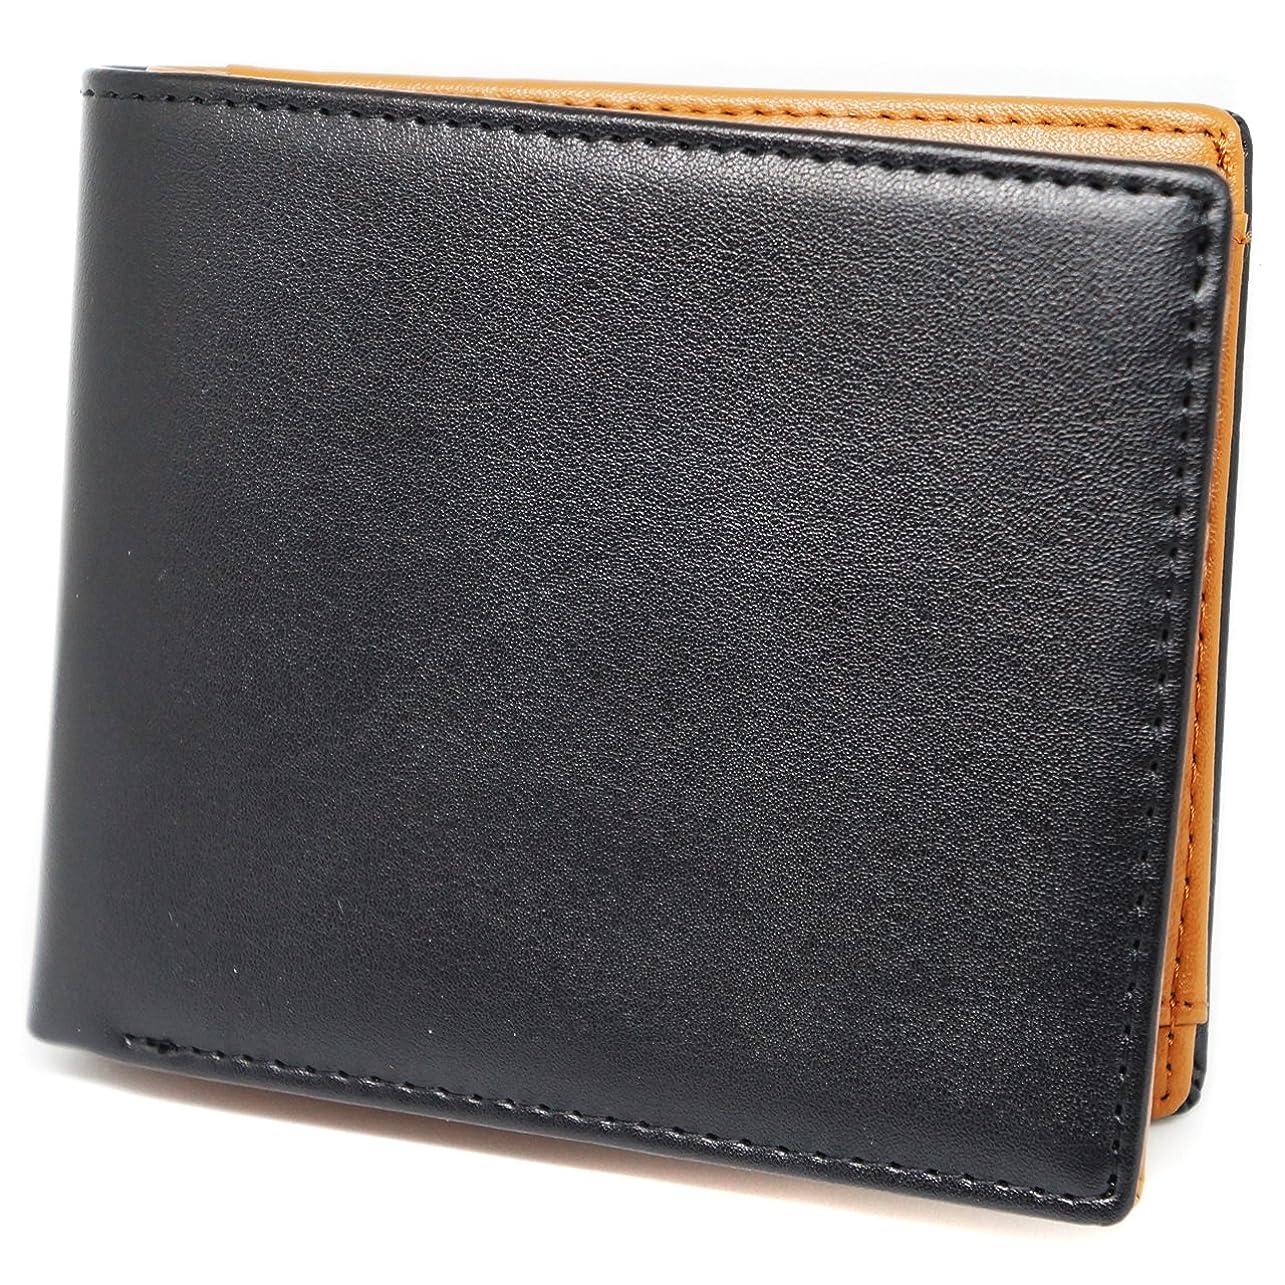 マーク乱暴な幽霊極上牛革 レザー 大容量 二つ折り財布 高級 ブラック×ブラウン ME0198_c2